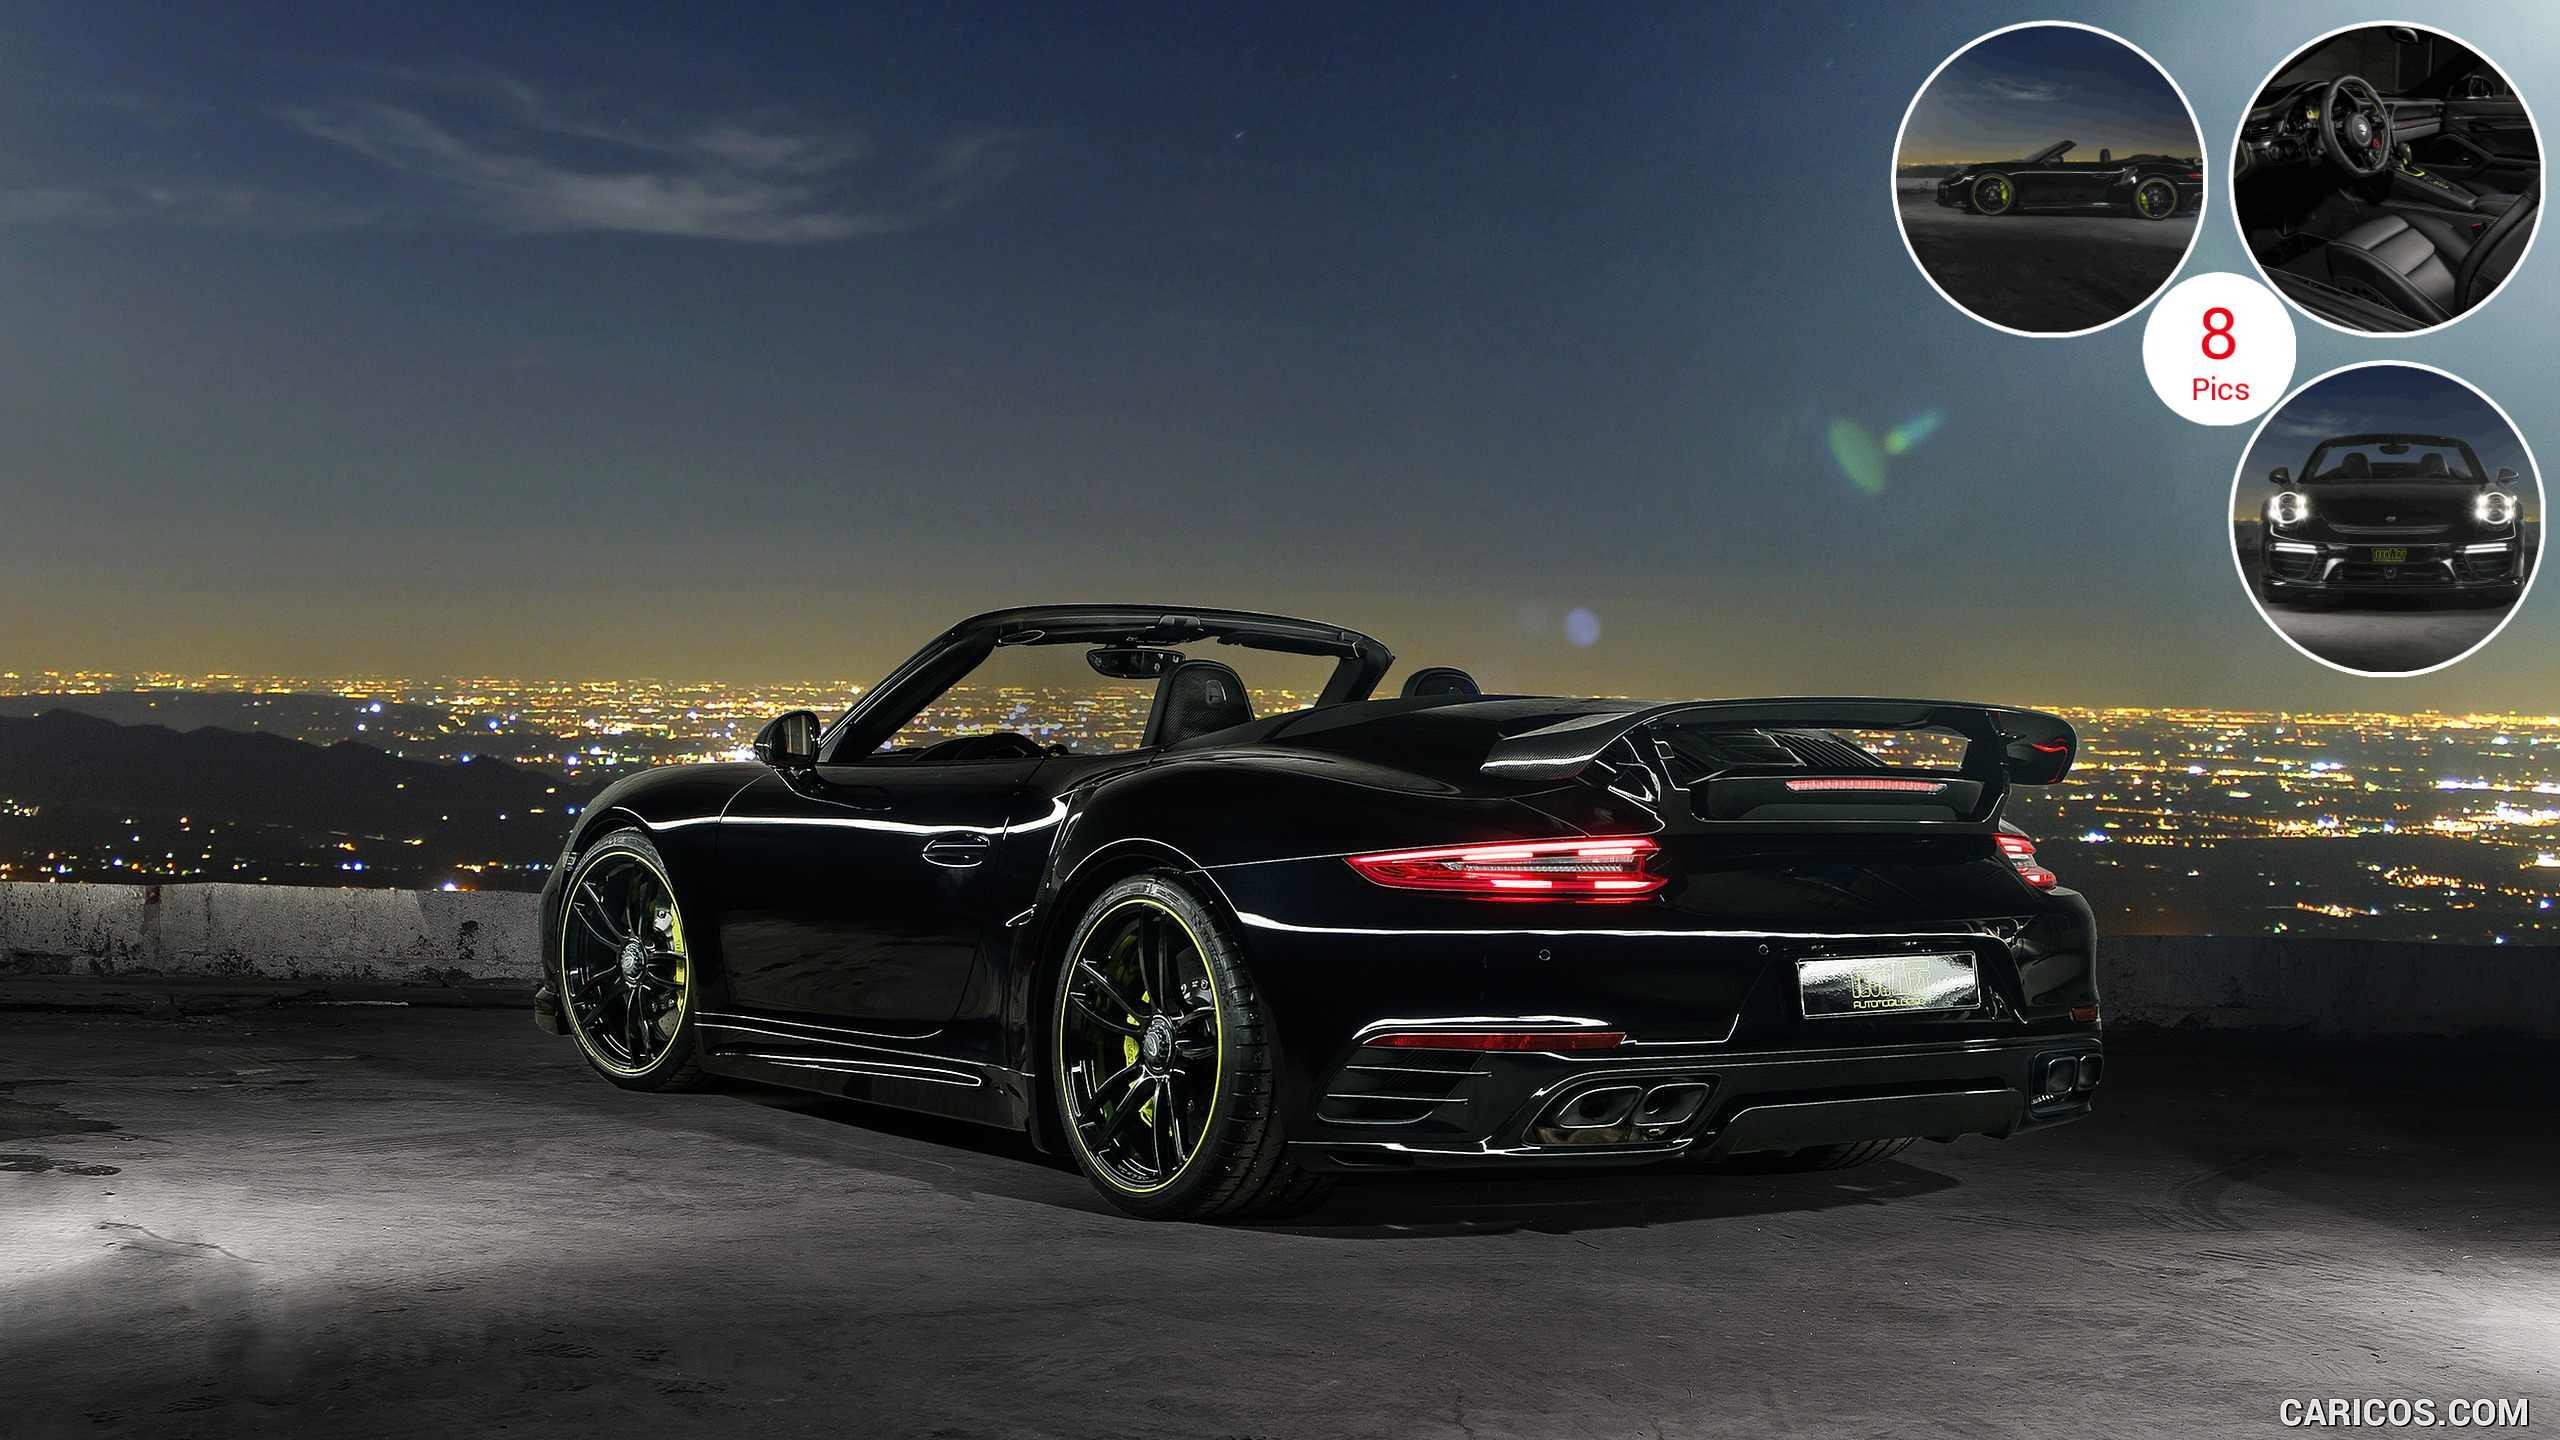 Porsche 911 Turbo S Wallpapers Wallpaper Cave